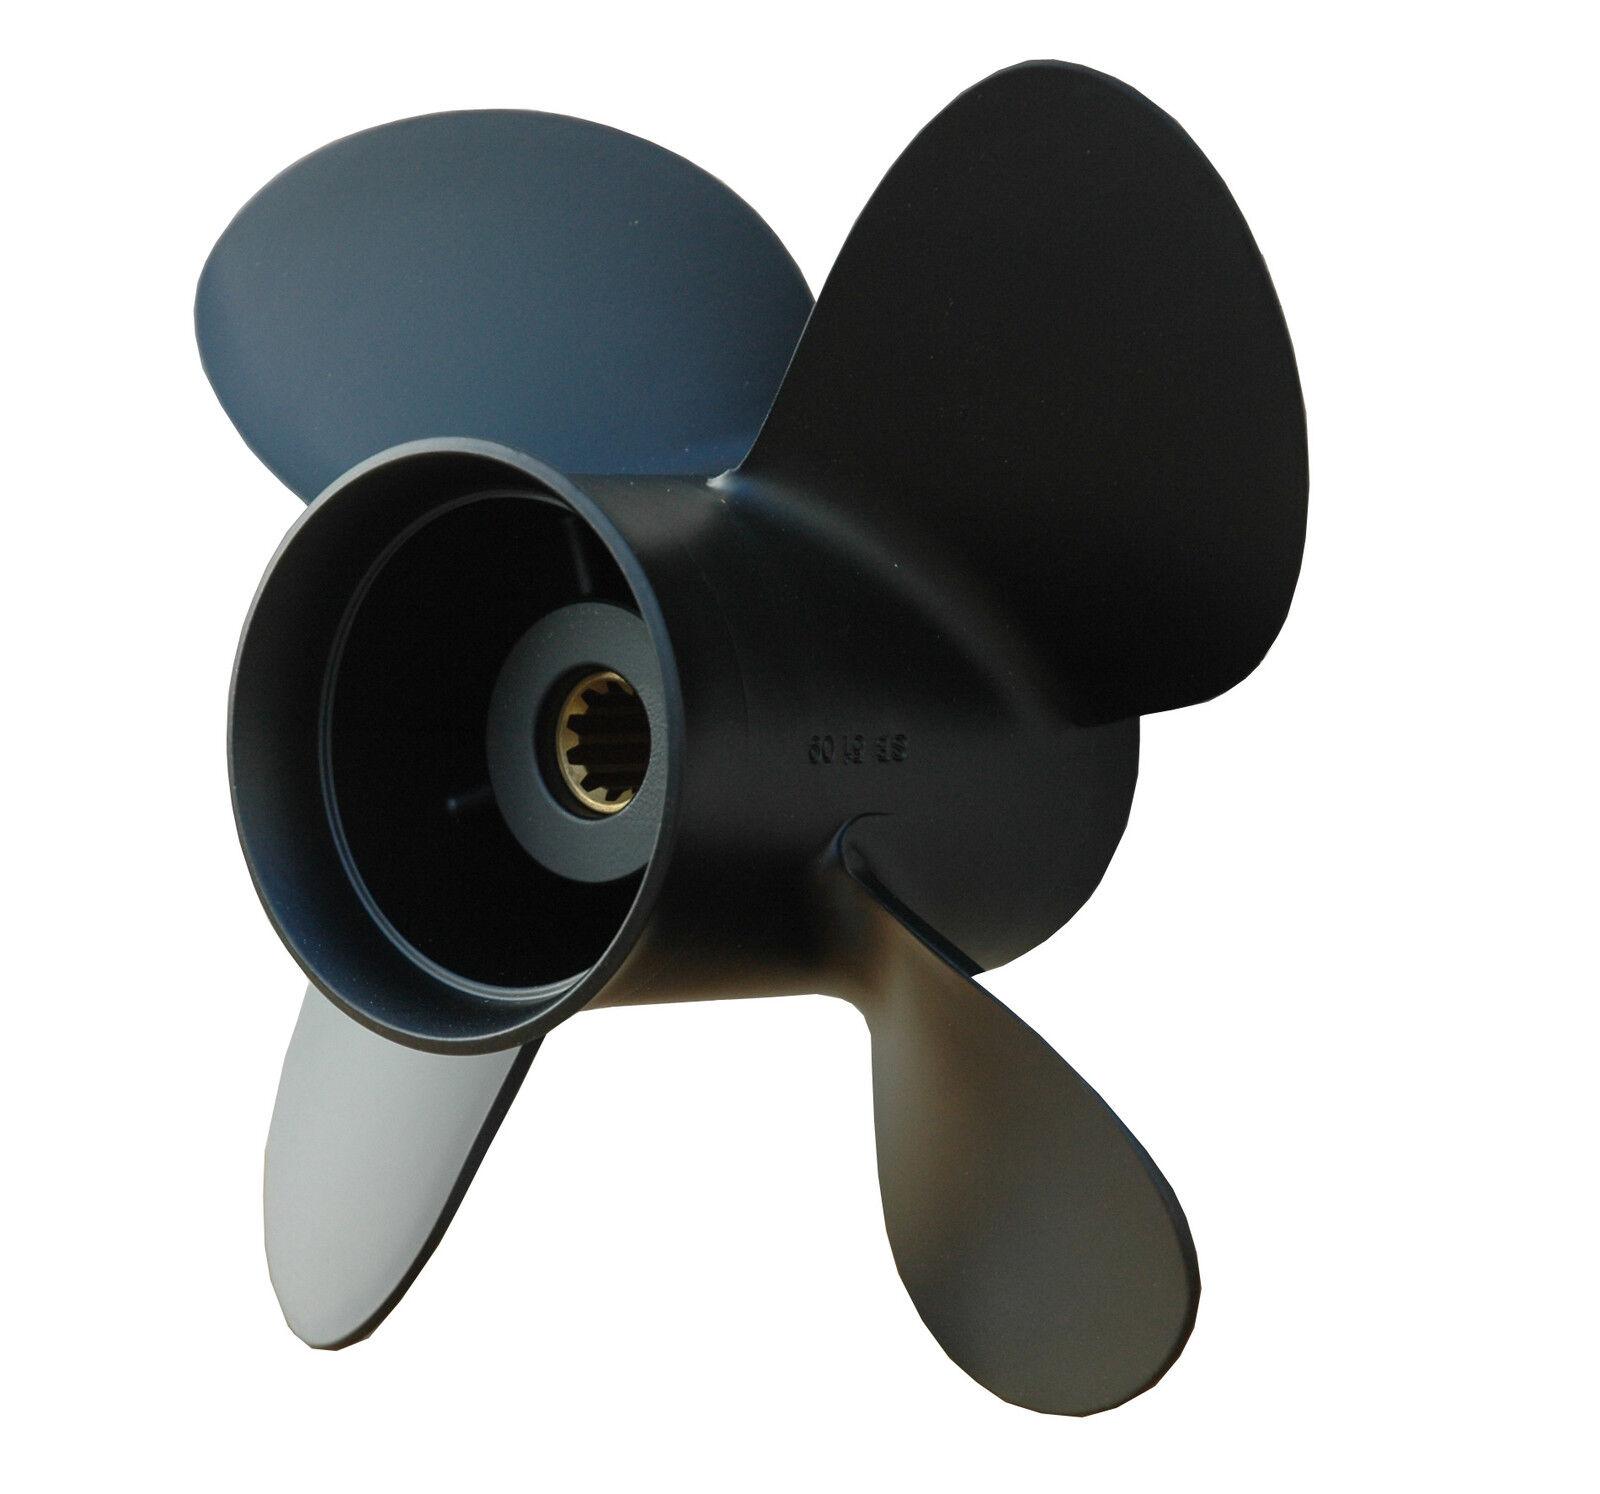 Solas Propeller Aluminium 4 - 11 11 11 2/5 x 10  für Yamaha 40 - 60 PS 322bed